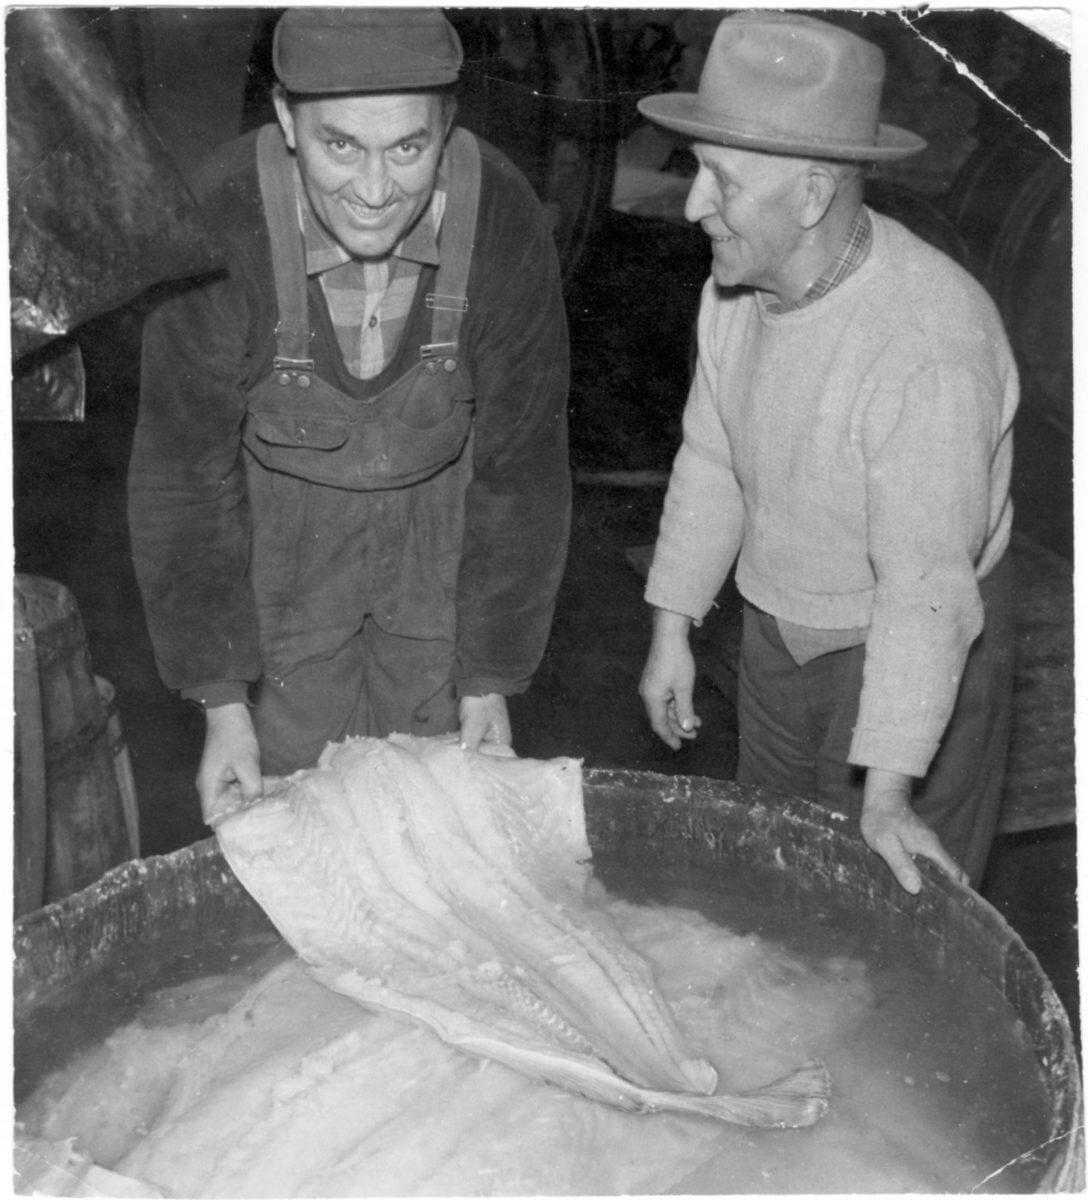 Två män lutar fisk i en tunna.